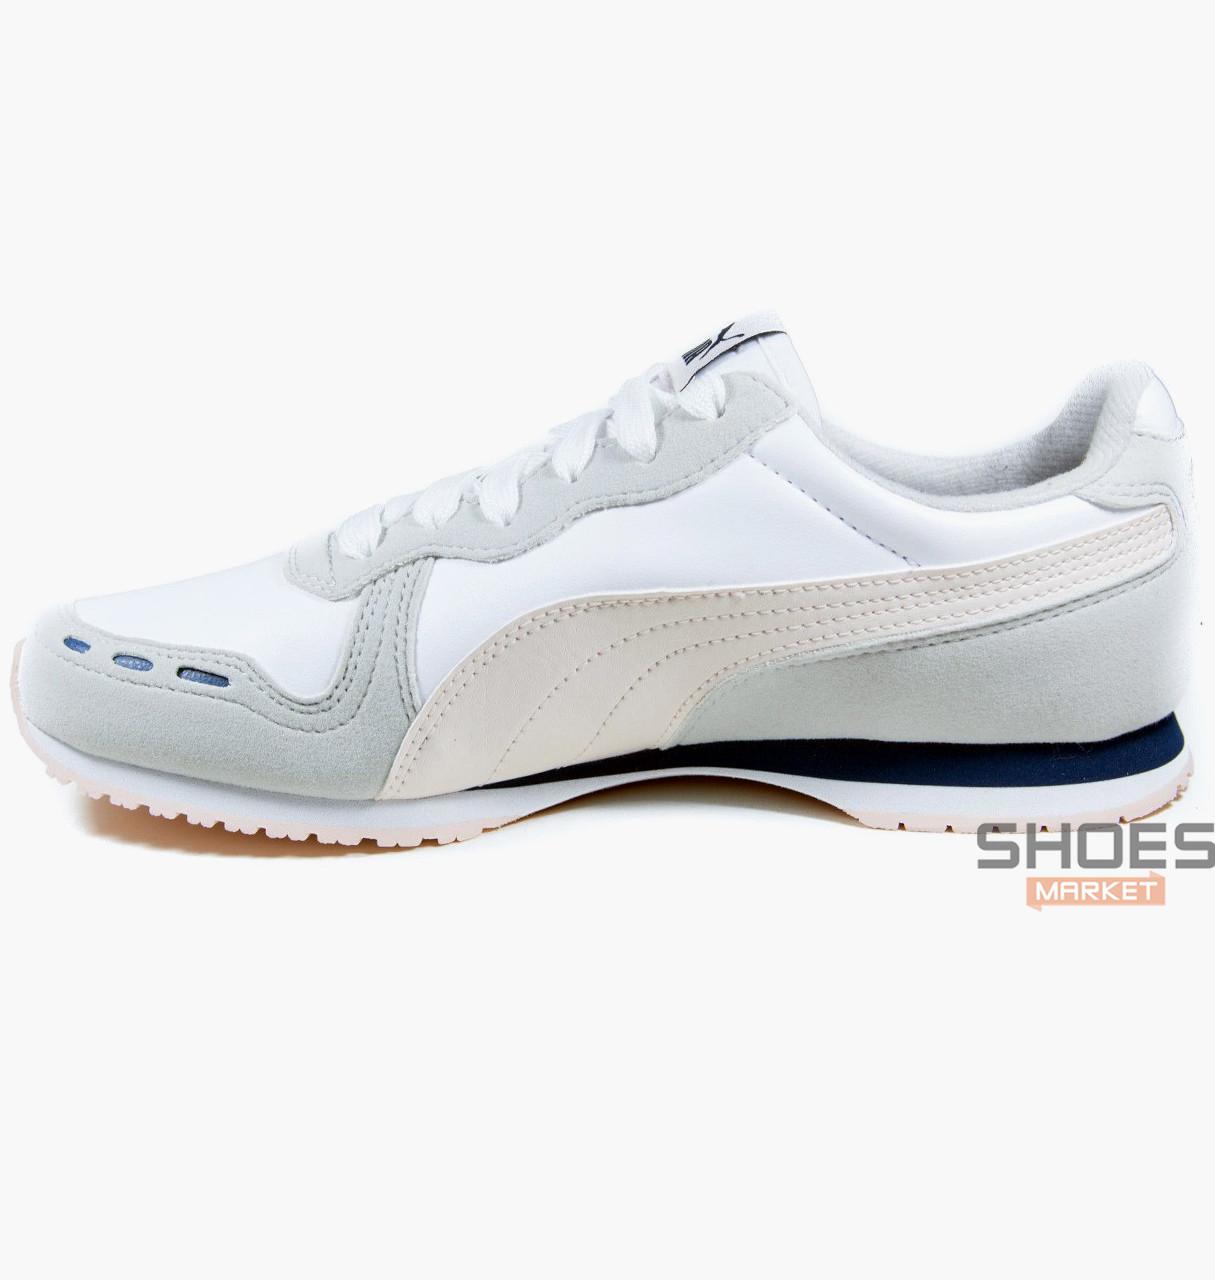 45ceb029 Мужские кроссовки Puma Cabana Racer SL Jr 35197959, оригинал купить ...